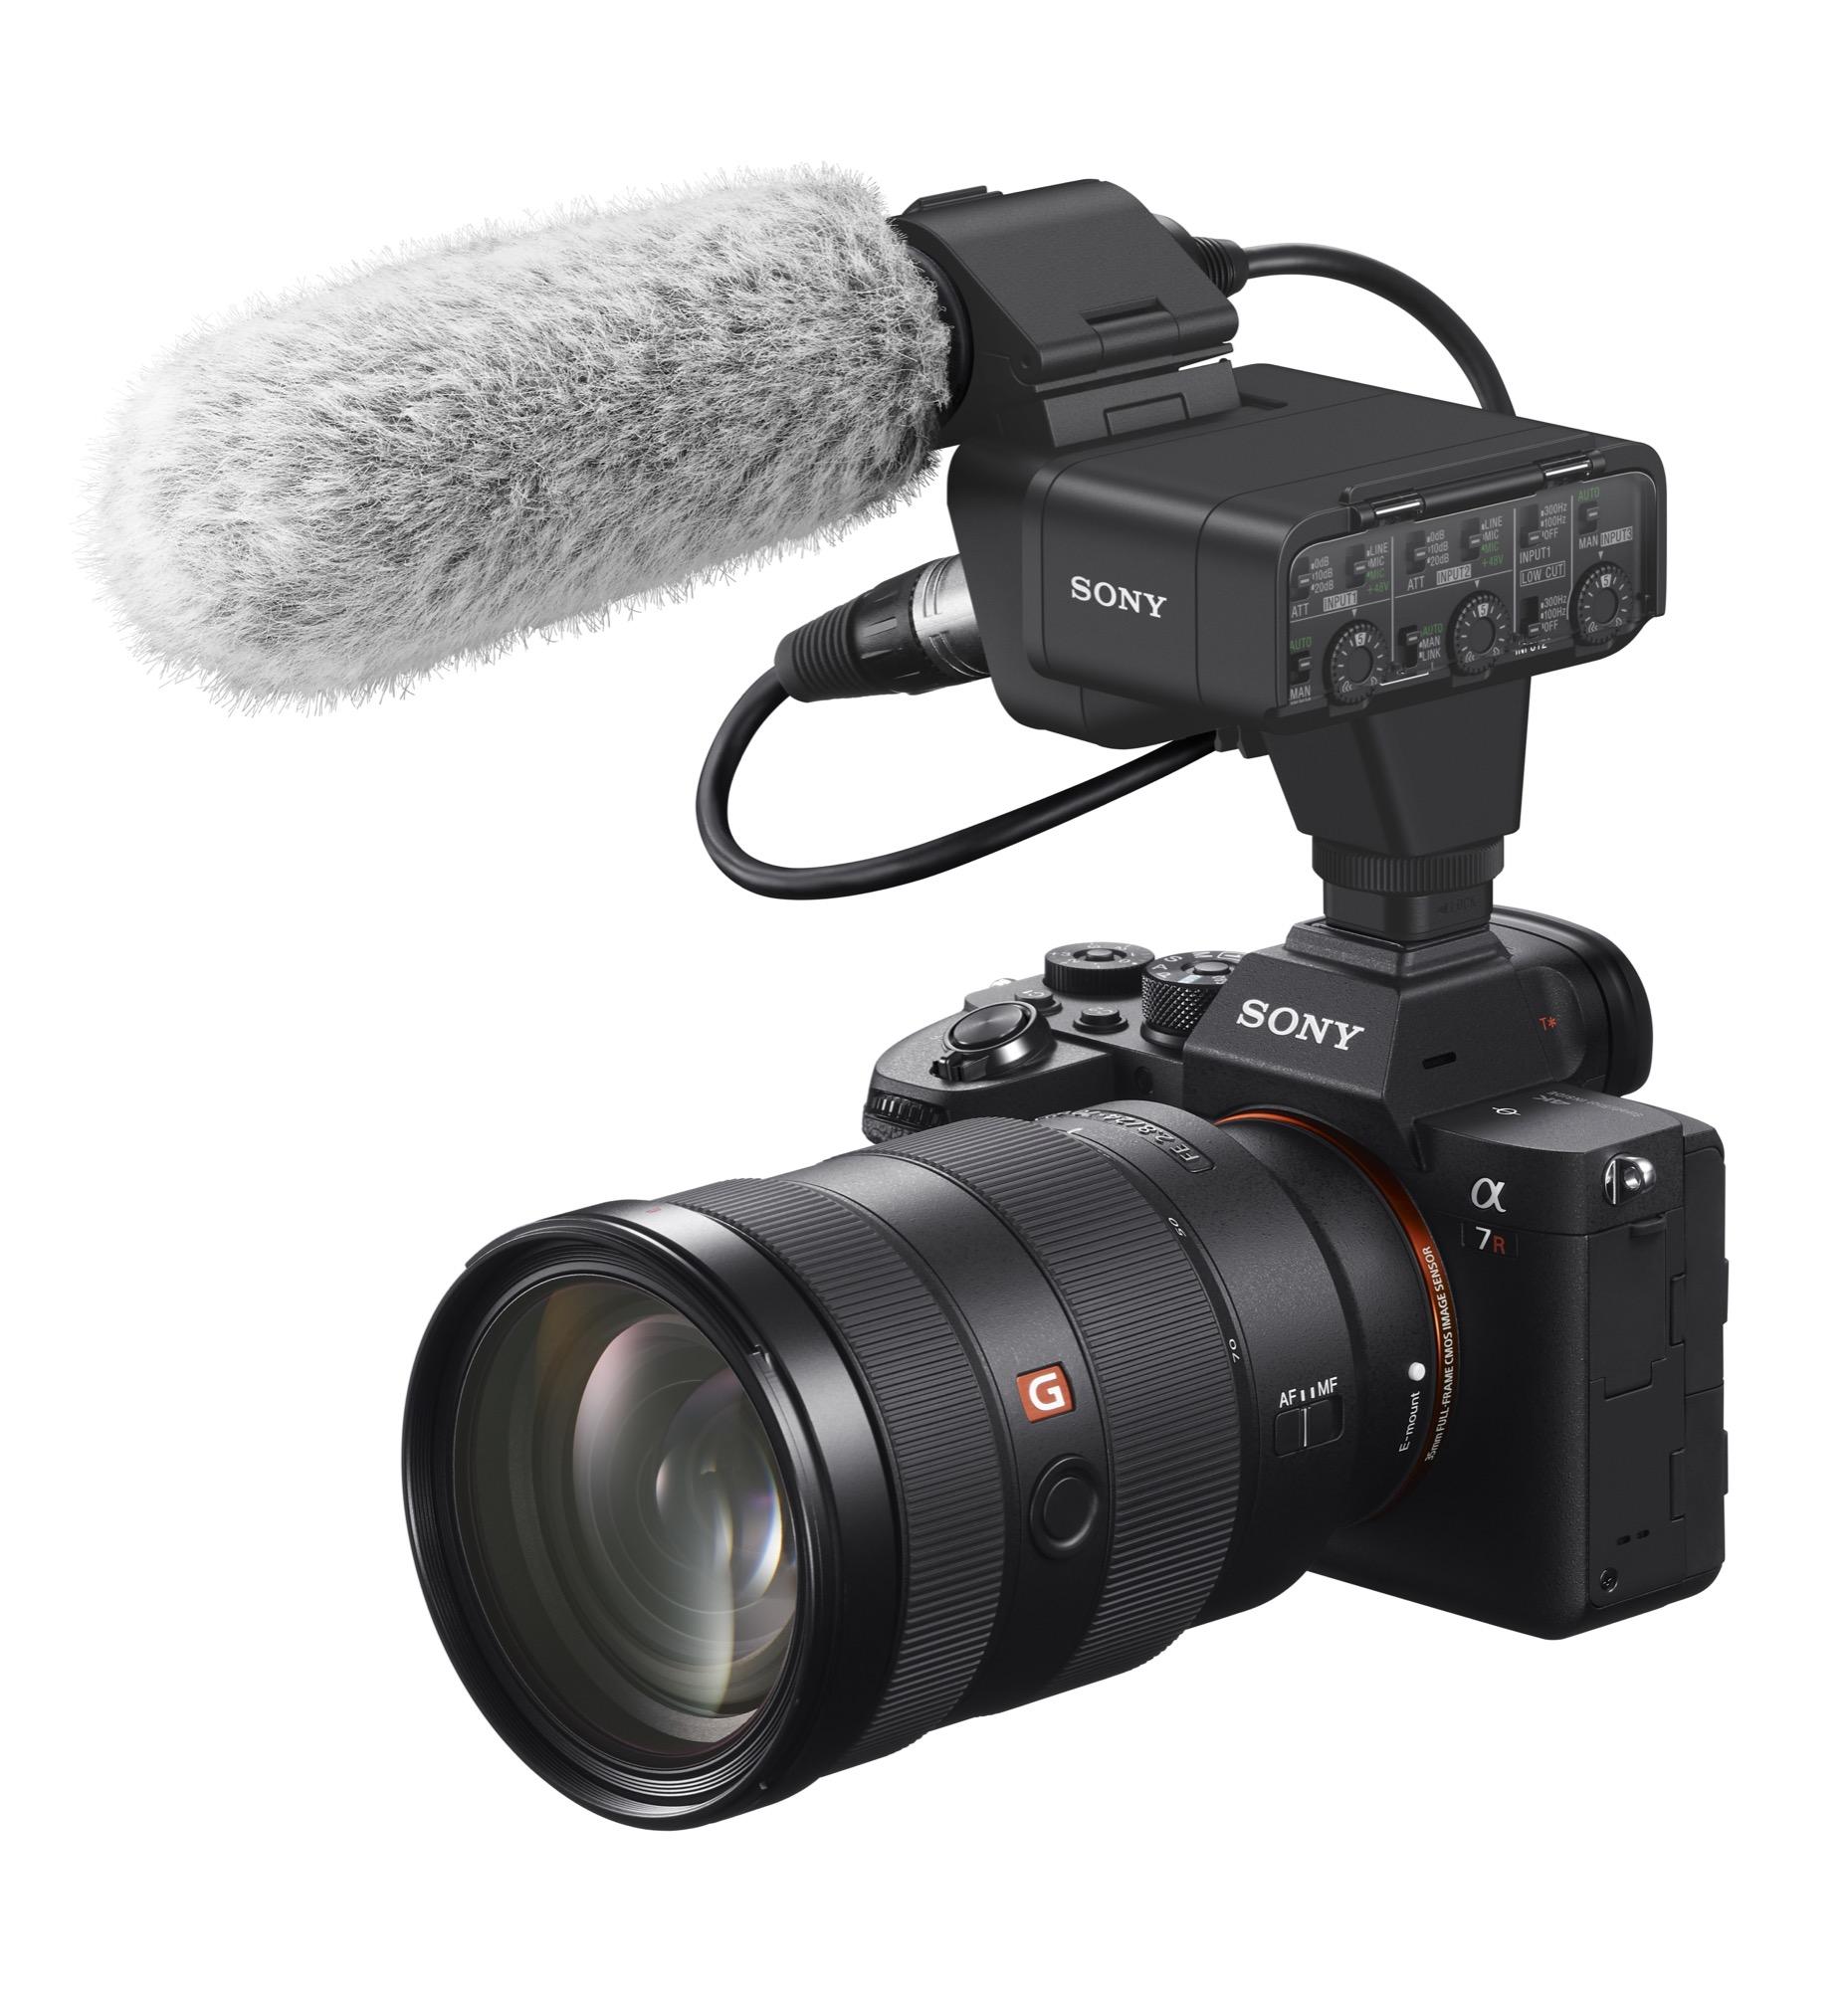 sony α7R IV video capabilities